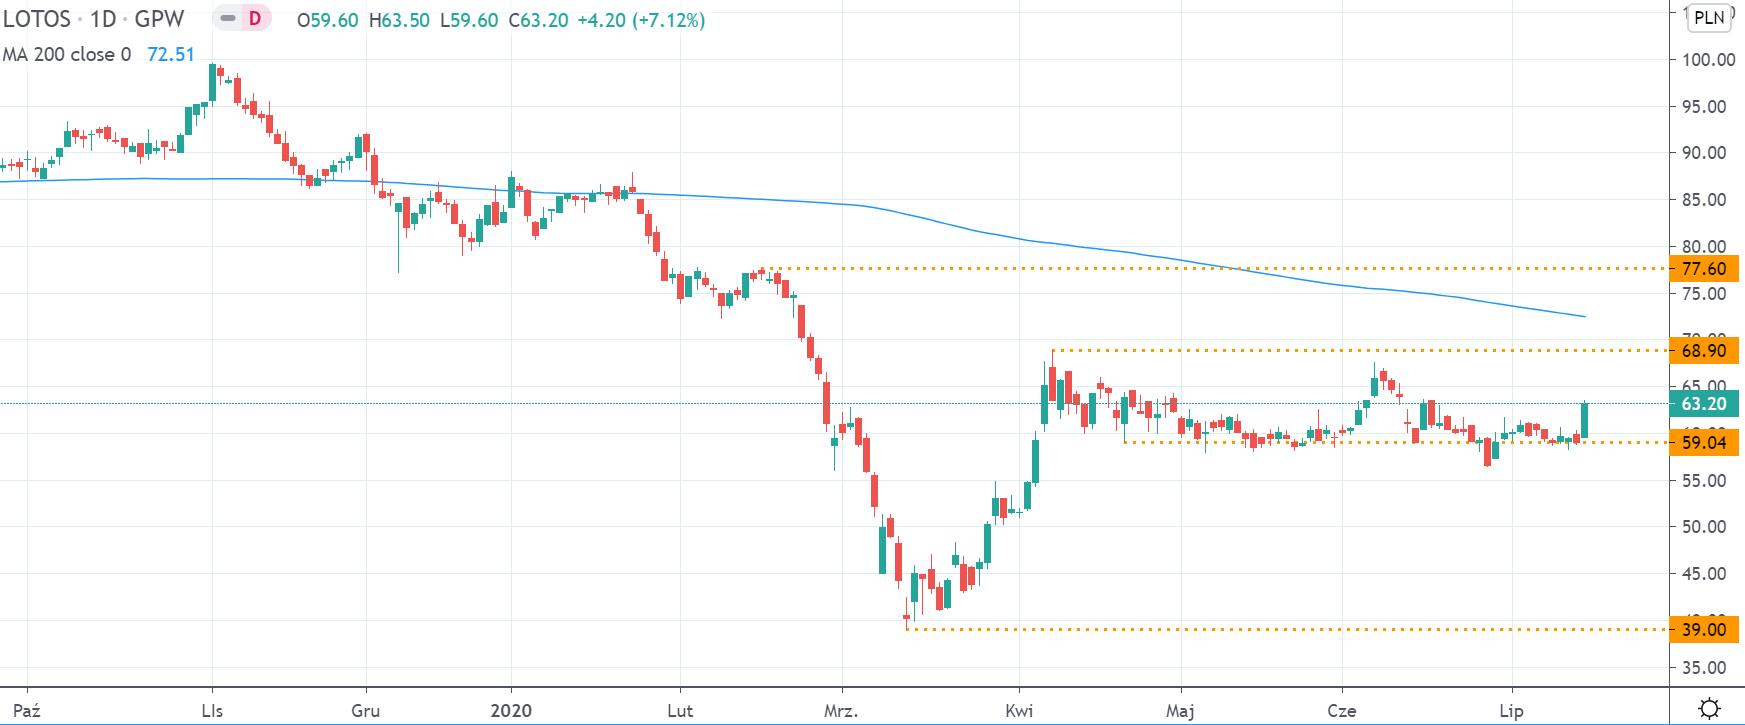 Kurs akcji Lotos na interwale dziennym, tradingview